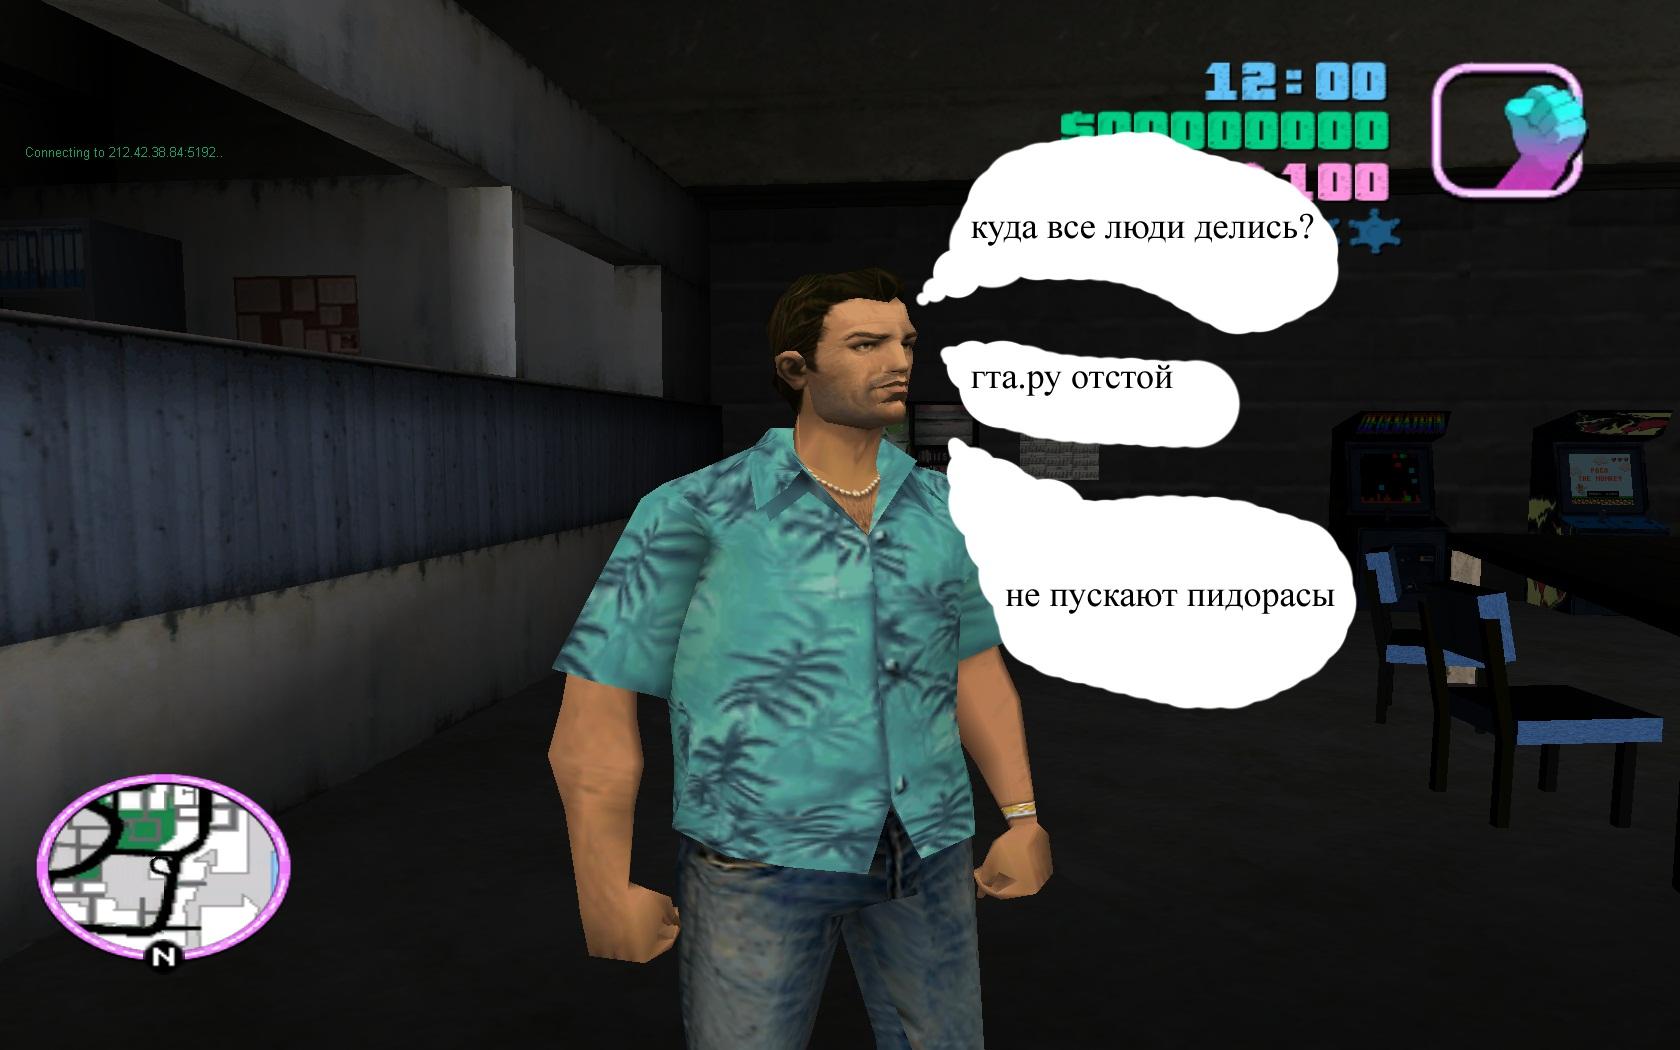 хрень - Grand Theft Auto: Vice City пидорасы